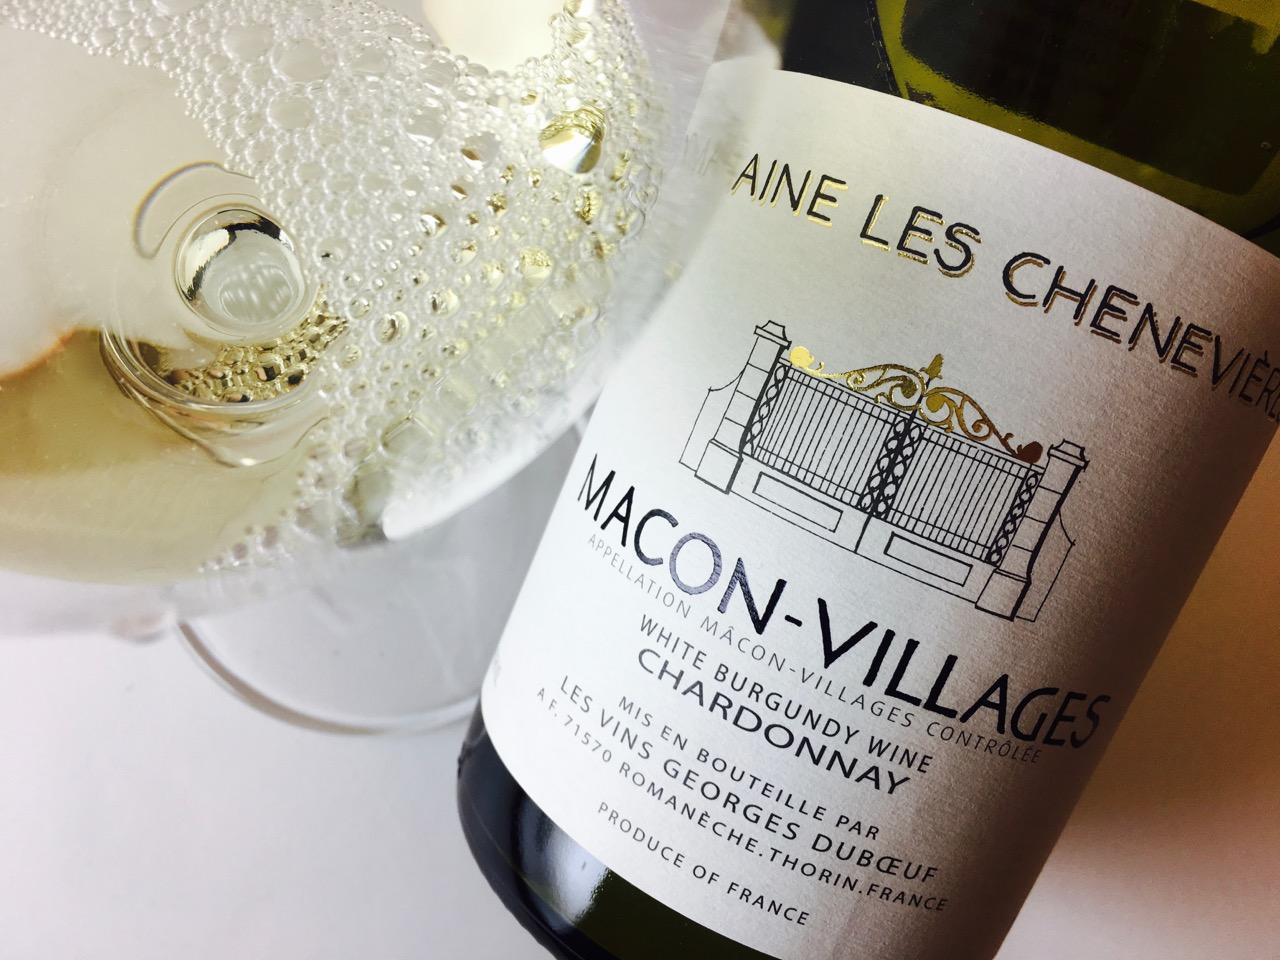 2015 Domaine les Chenevières Mâcon-Villages